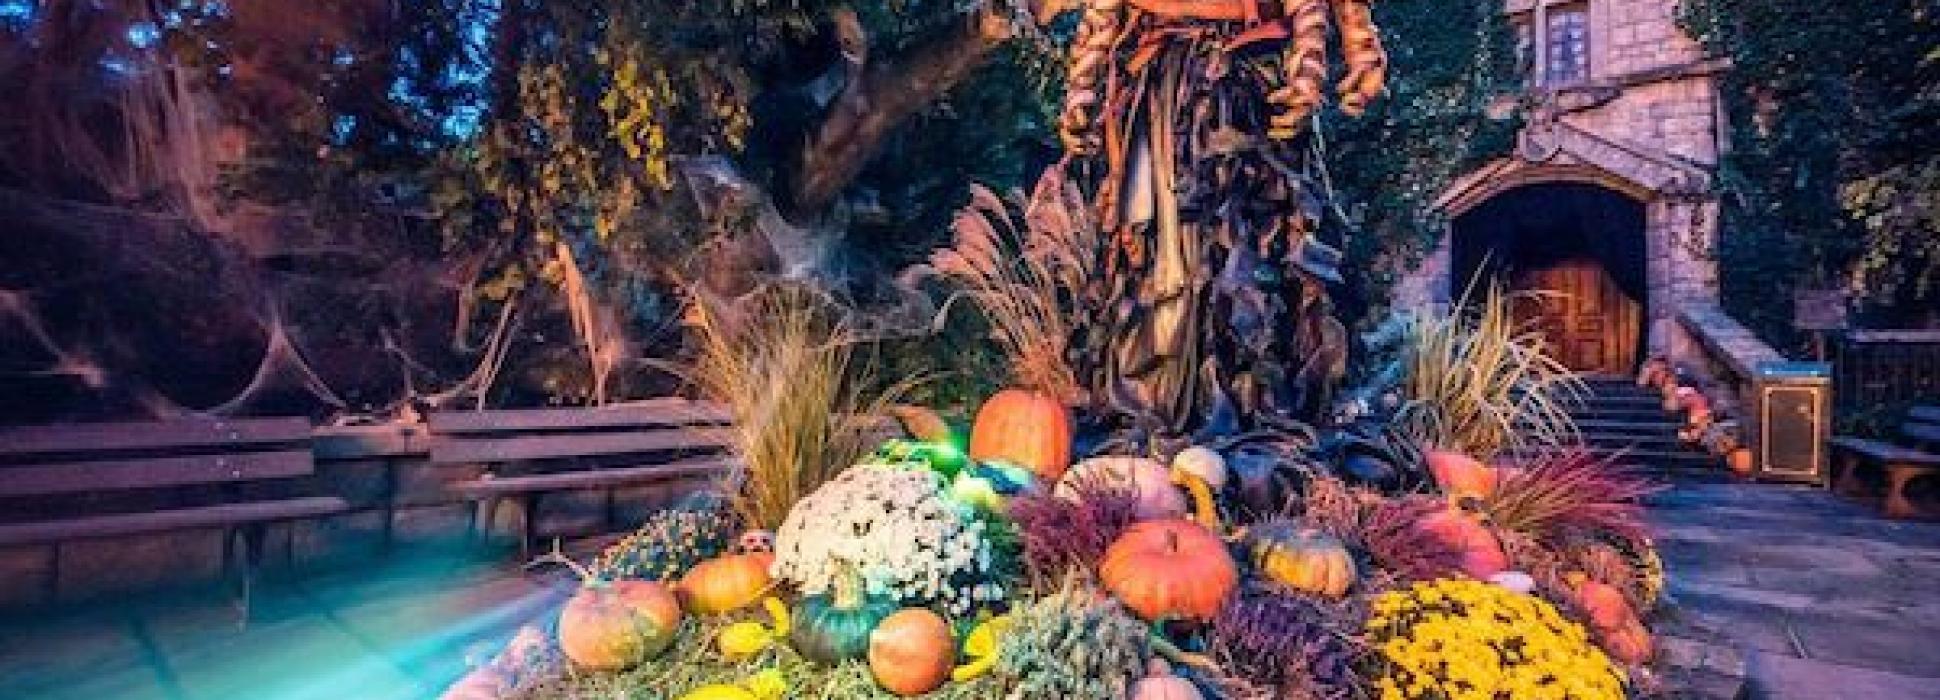 El parque de atracciones Nigloland celebra Halloween con la edición 2020 de Nigloween